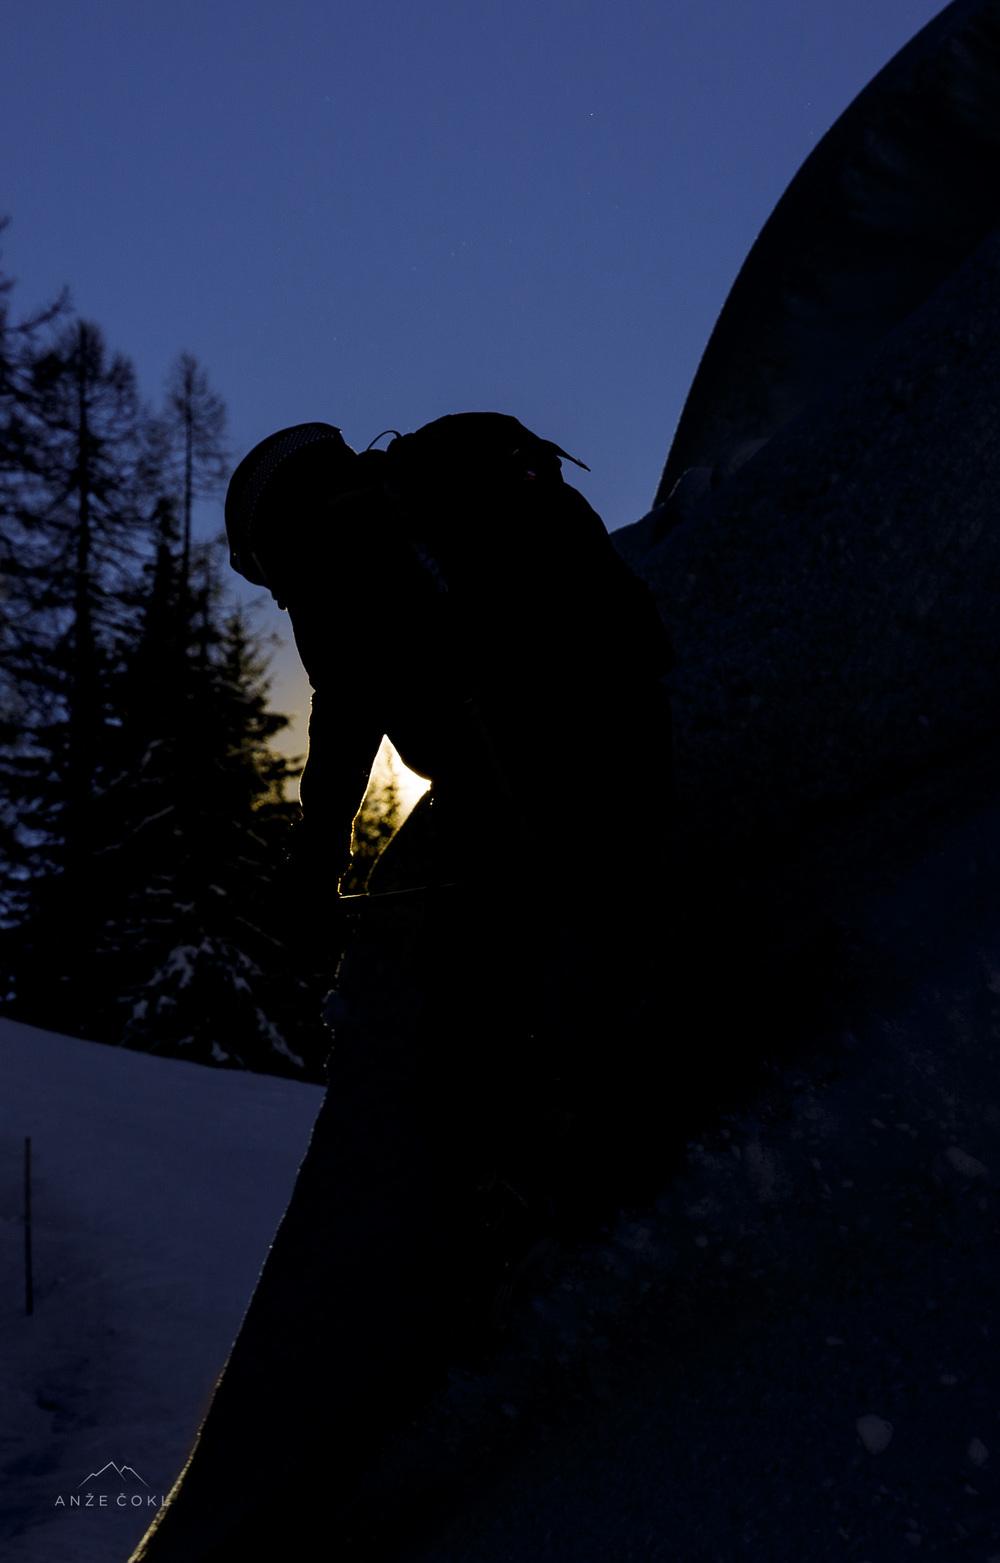 Strmi zavoji čez napihane kupe snega ob poznopopoldanskem zimskem soncu.